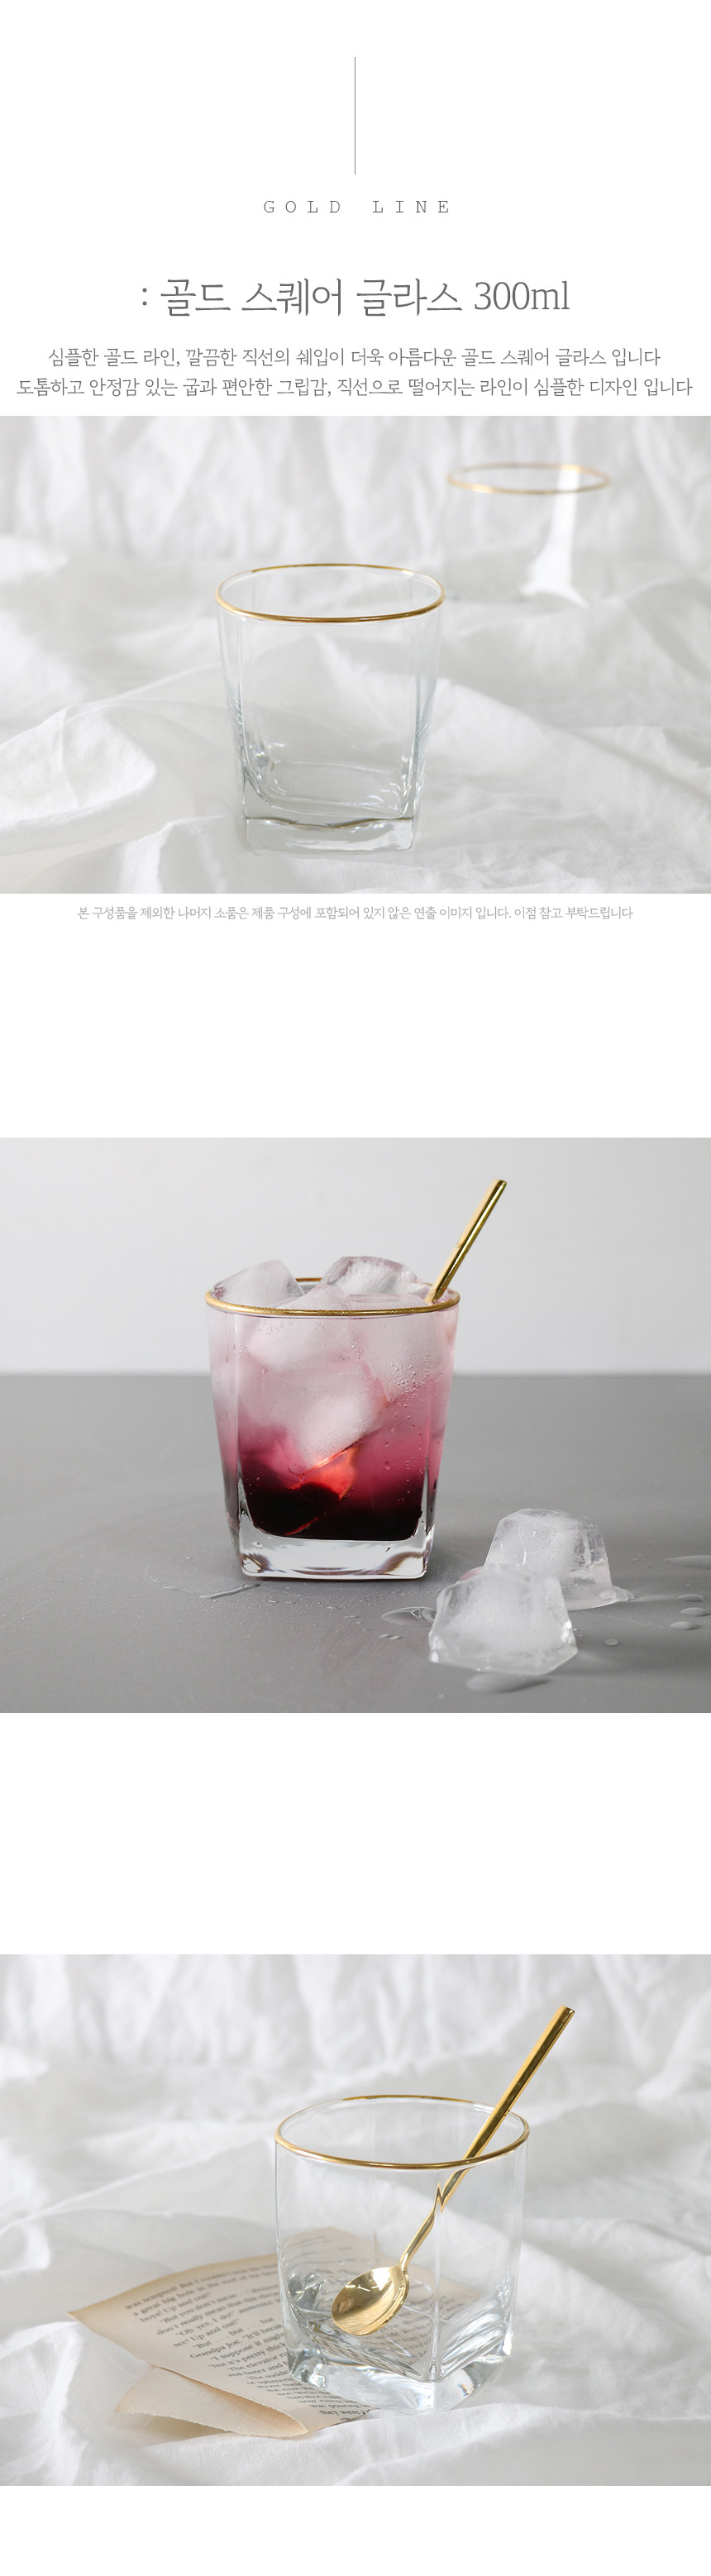 골드 스퀘어 유리컵 위스키잔 300ml - 키친몰링, 8,500원, 유리컵/술잔, 유리컵